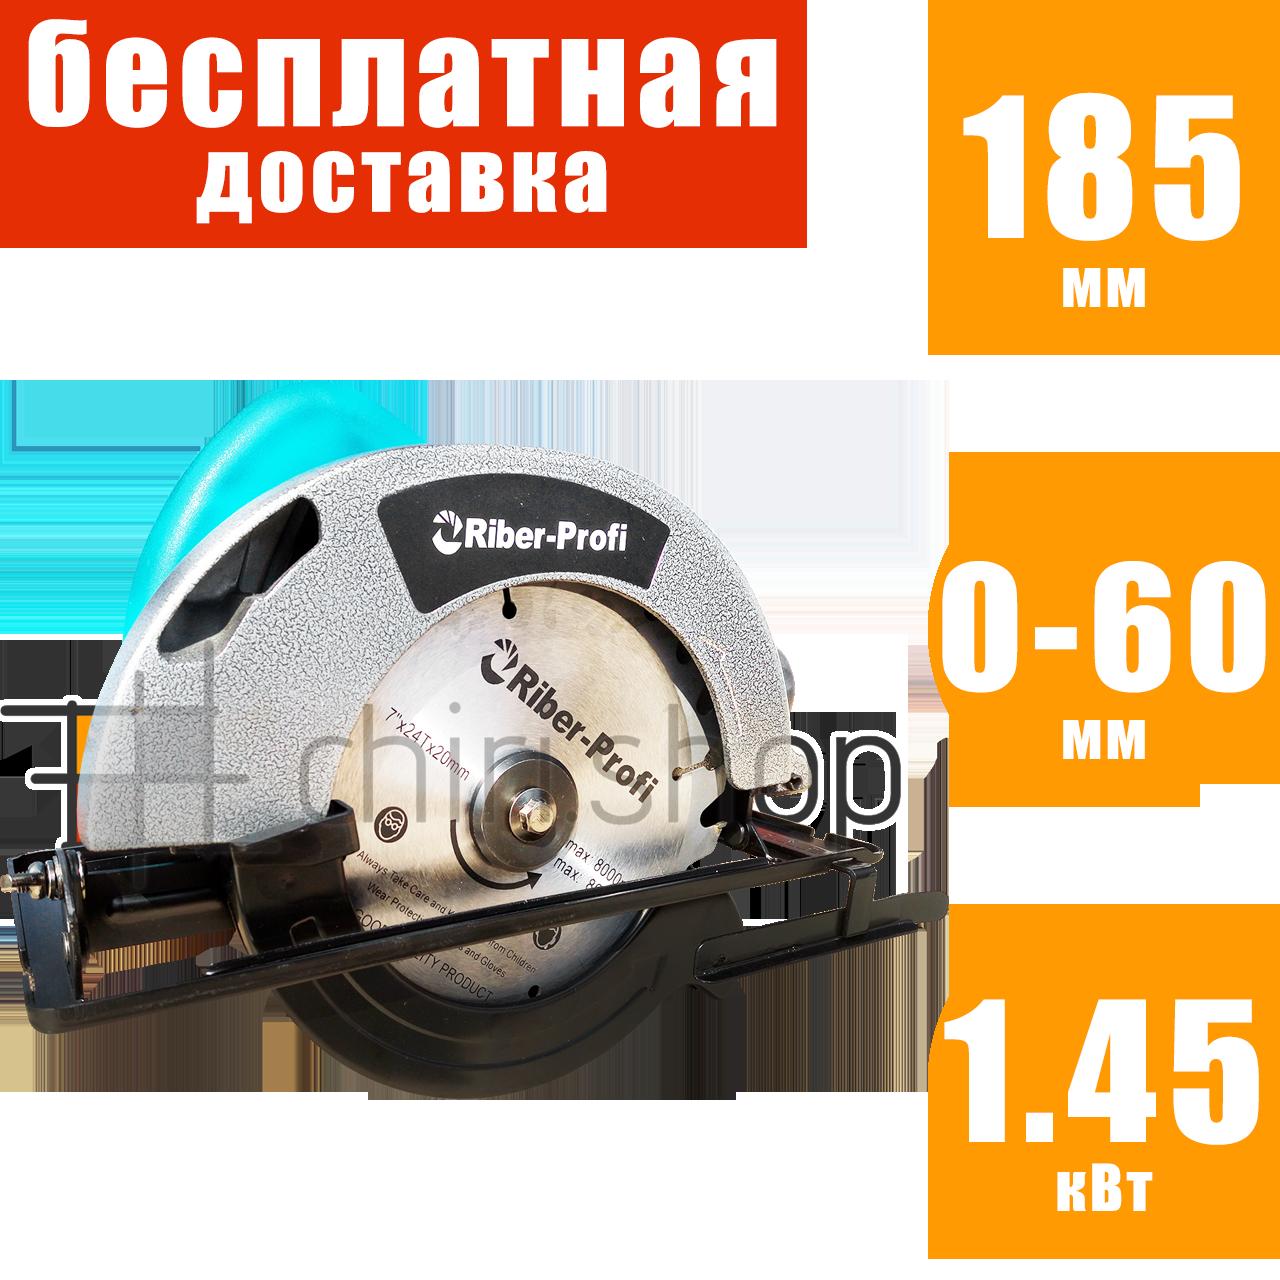 Циркулярная пила Riber ПД 185/1450, пропил 60 мм, дисковая пила паркетка 185 мм